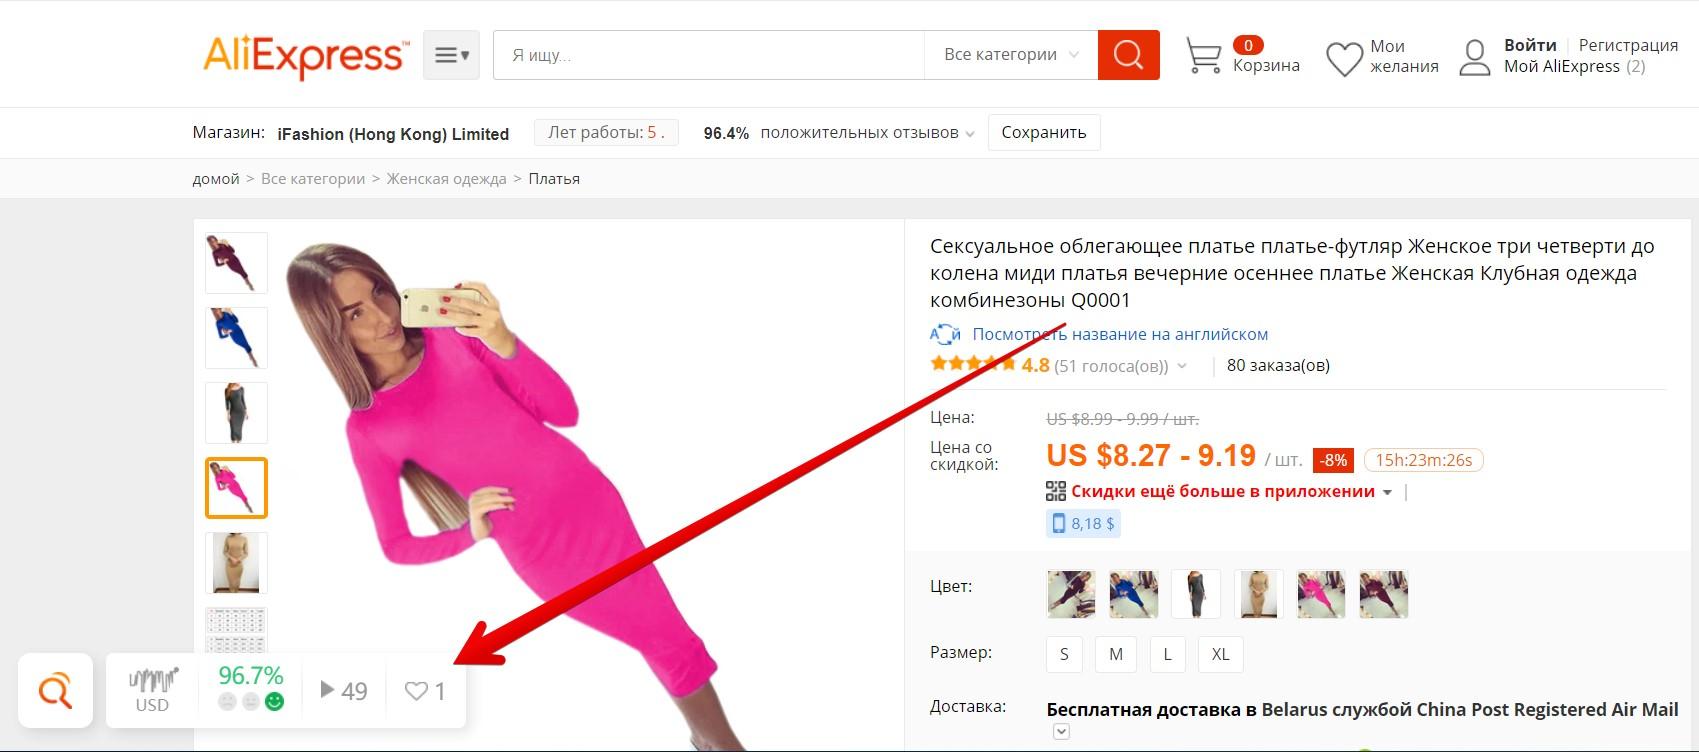 Плагин для браузера алипрайс имеет много фишек для хорошего шоппинга